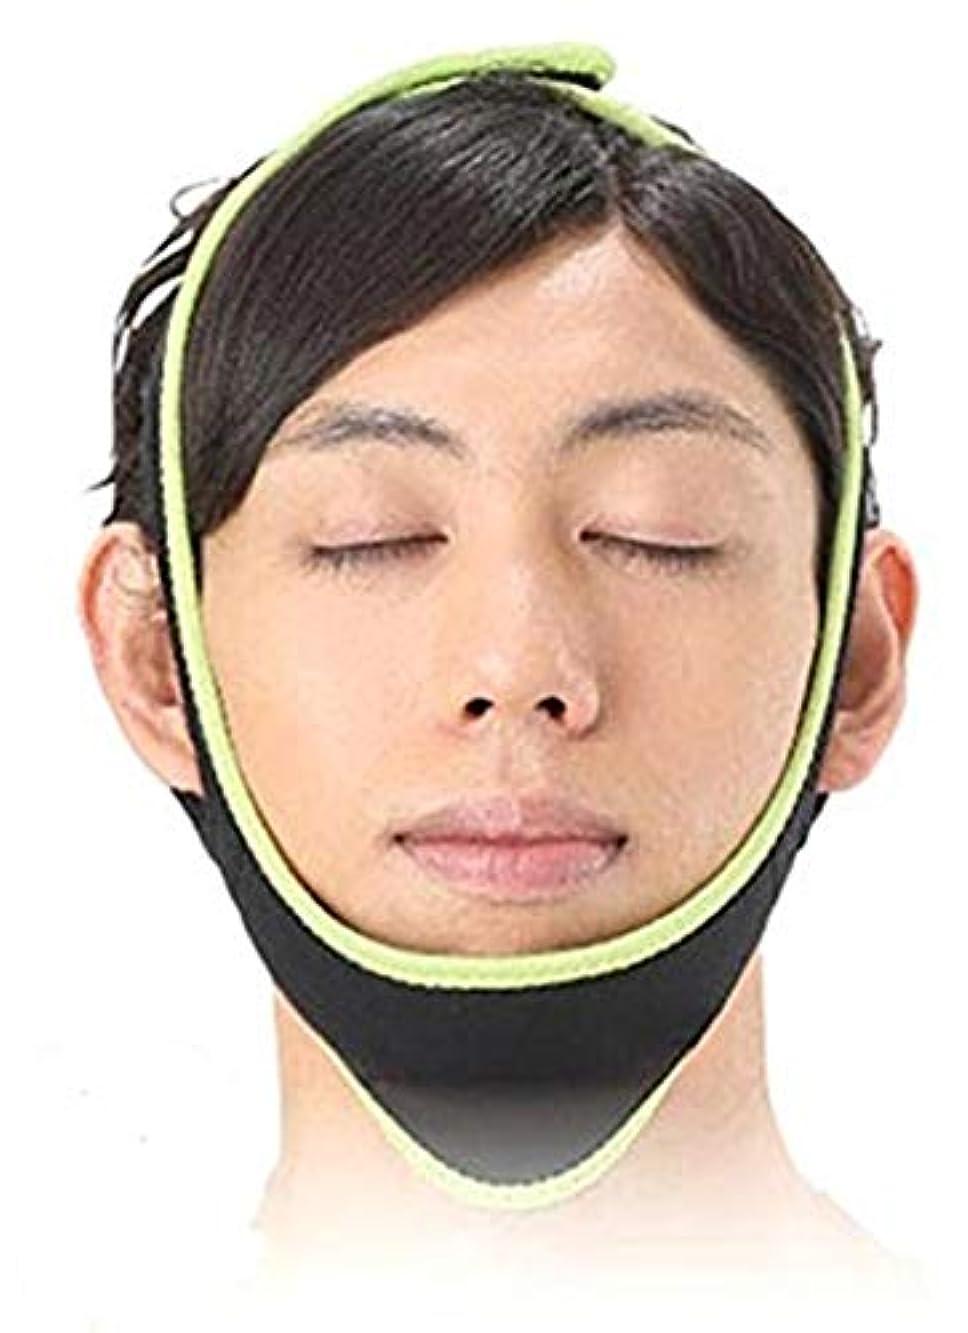 何国際緩むCREPUSCOLO 小顔へ! 小顔リフトアップ ベルト 小顔マスク 小顔コルセット 小顔矯正 美容グッズ 美顔器 メンズ